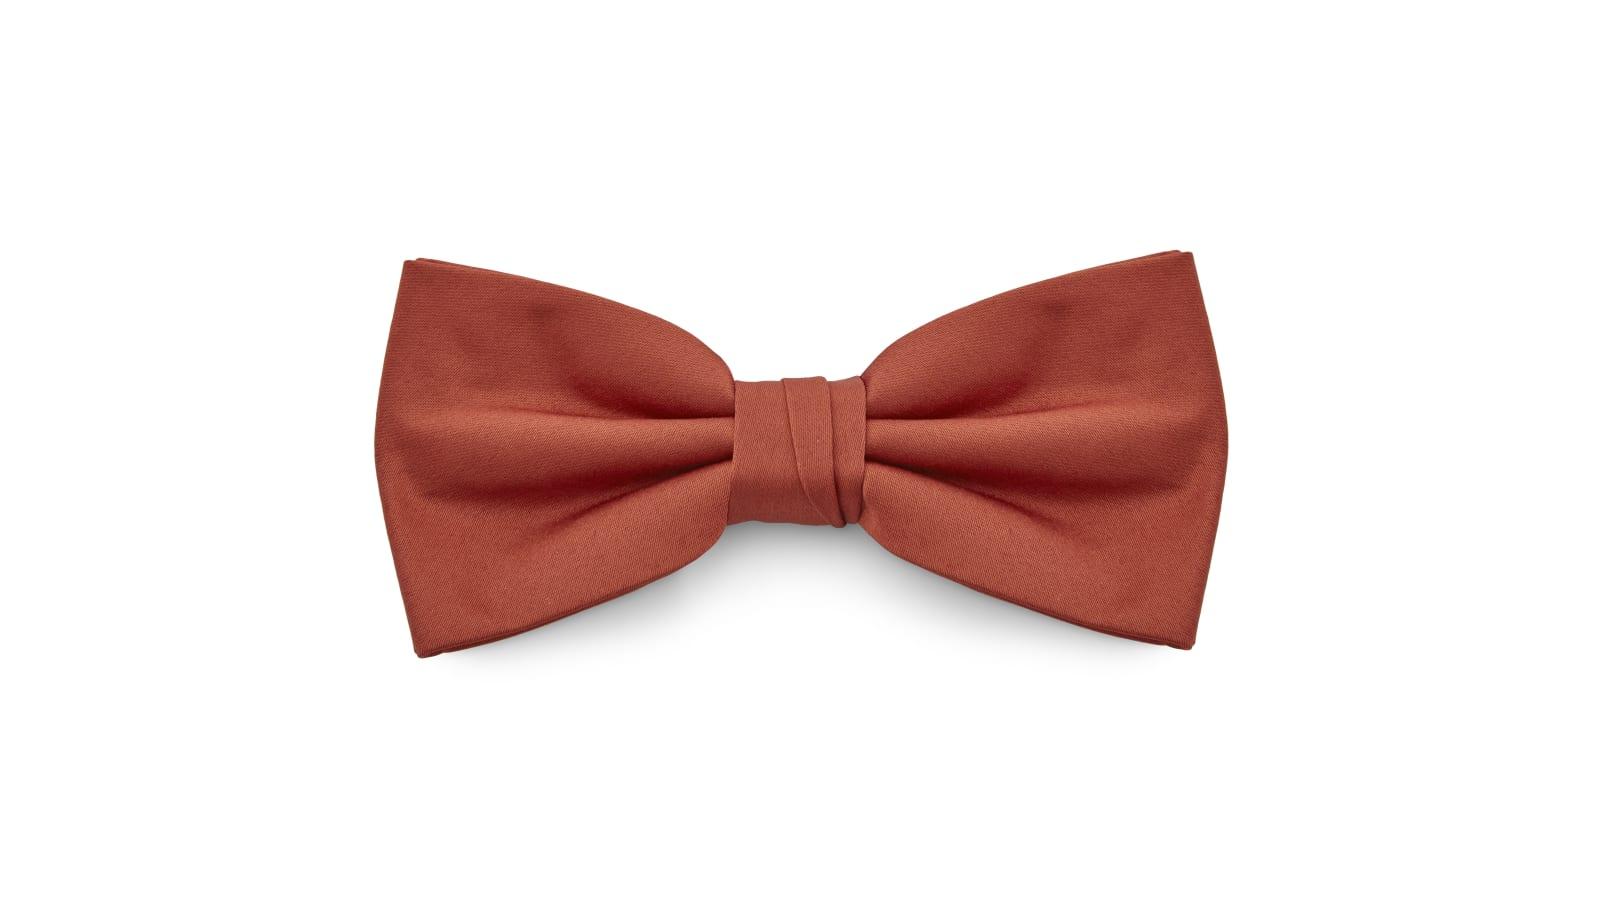 Floral pre tied Bow Tie Bowtie Floral tie EMMETT Men/'s Floral Pre-Tied Bow tie Tie Bow Tie Flower Tie Groom | Wedding bow tie